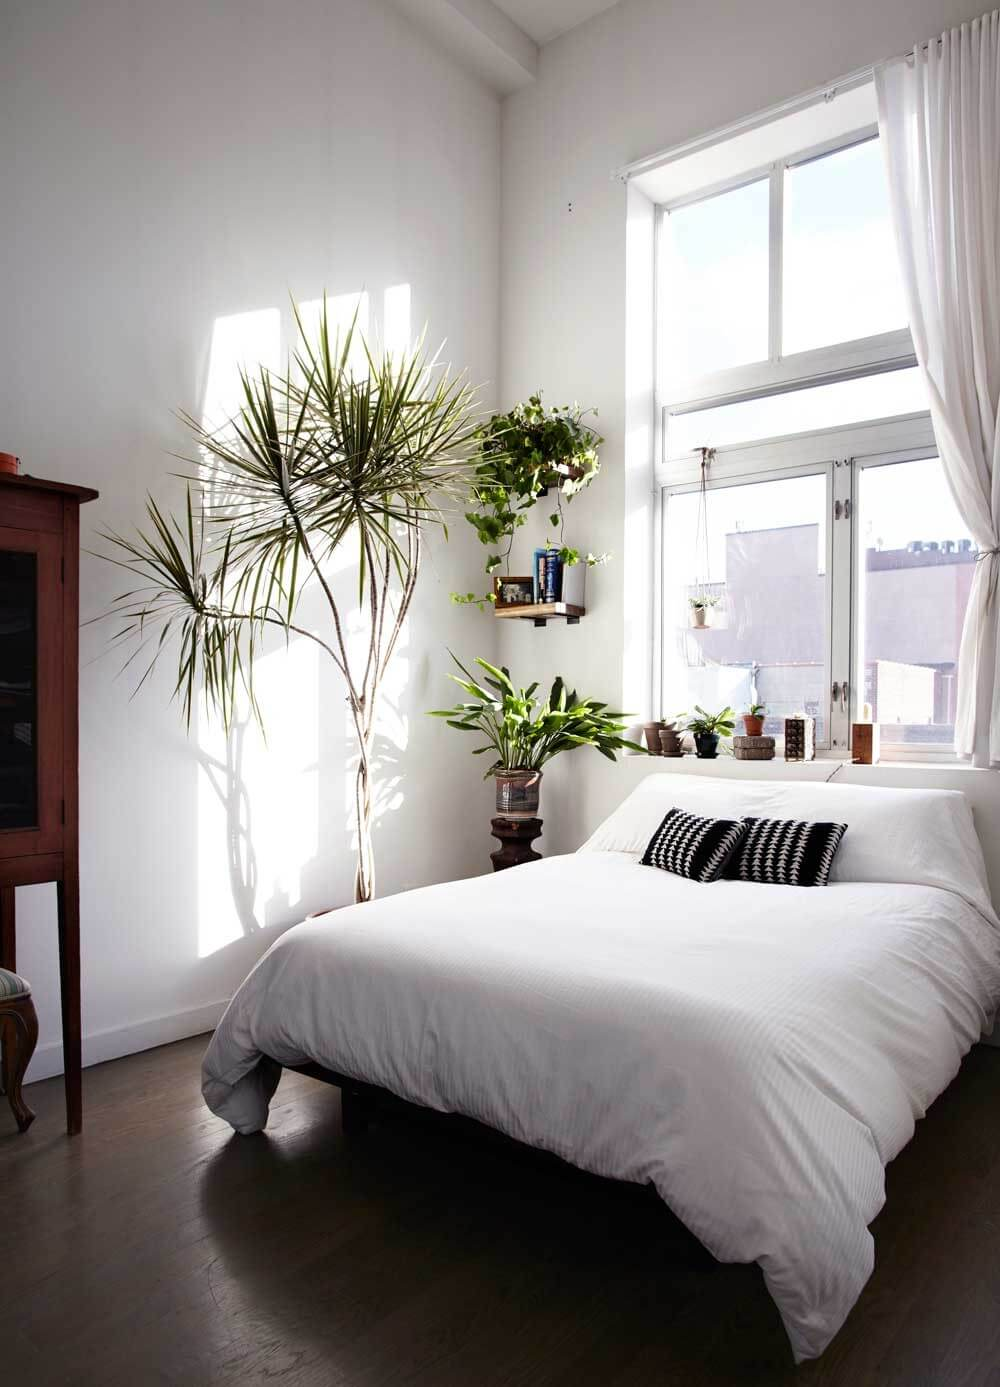 Designer Secrets : 5 Decorating Rules Worth Breaking on Bedroom Minimalist Design Ideas  id=19871